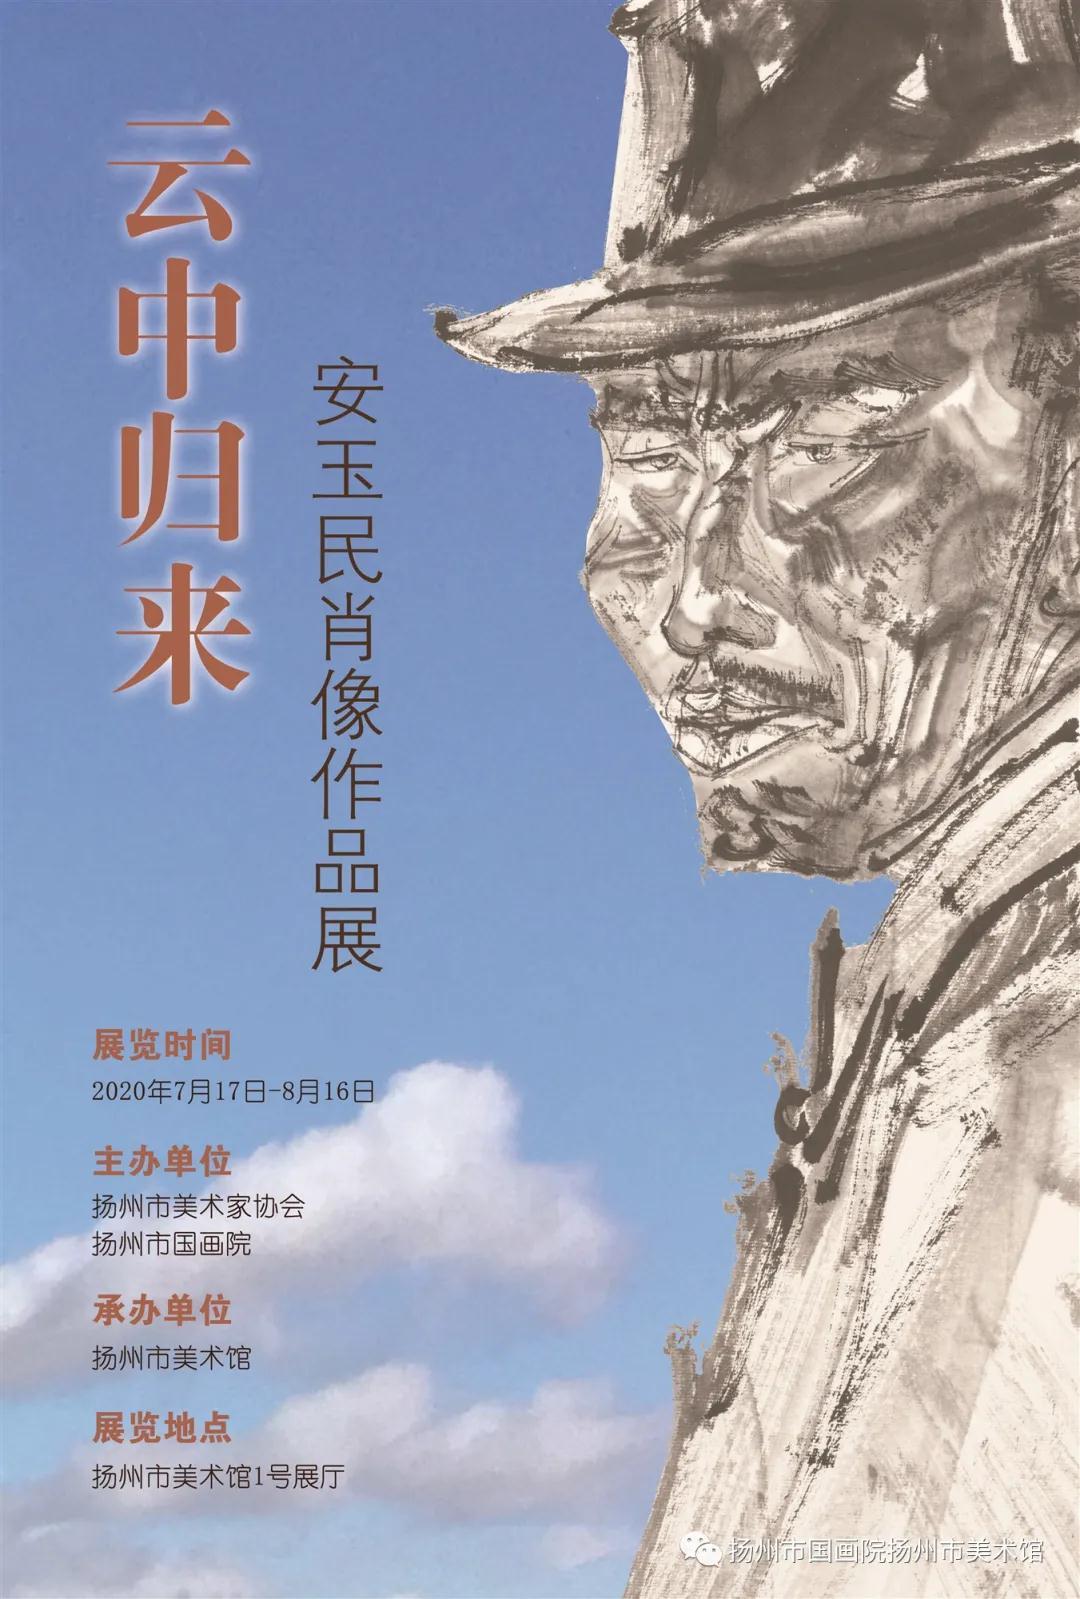 展讯:云中归来——安玉民肖像作品展